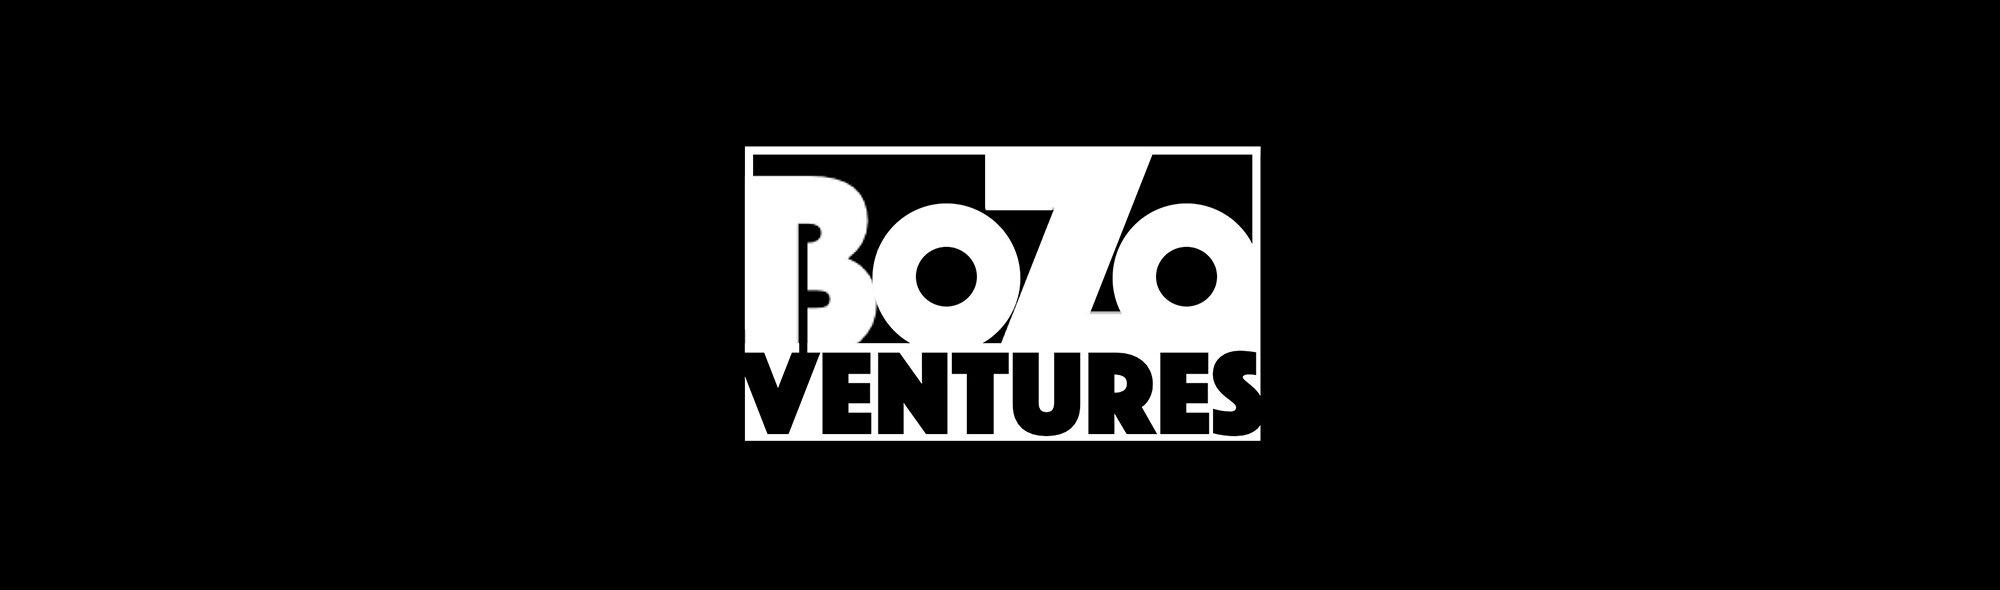 BOZO Sponsor Logo.jpg